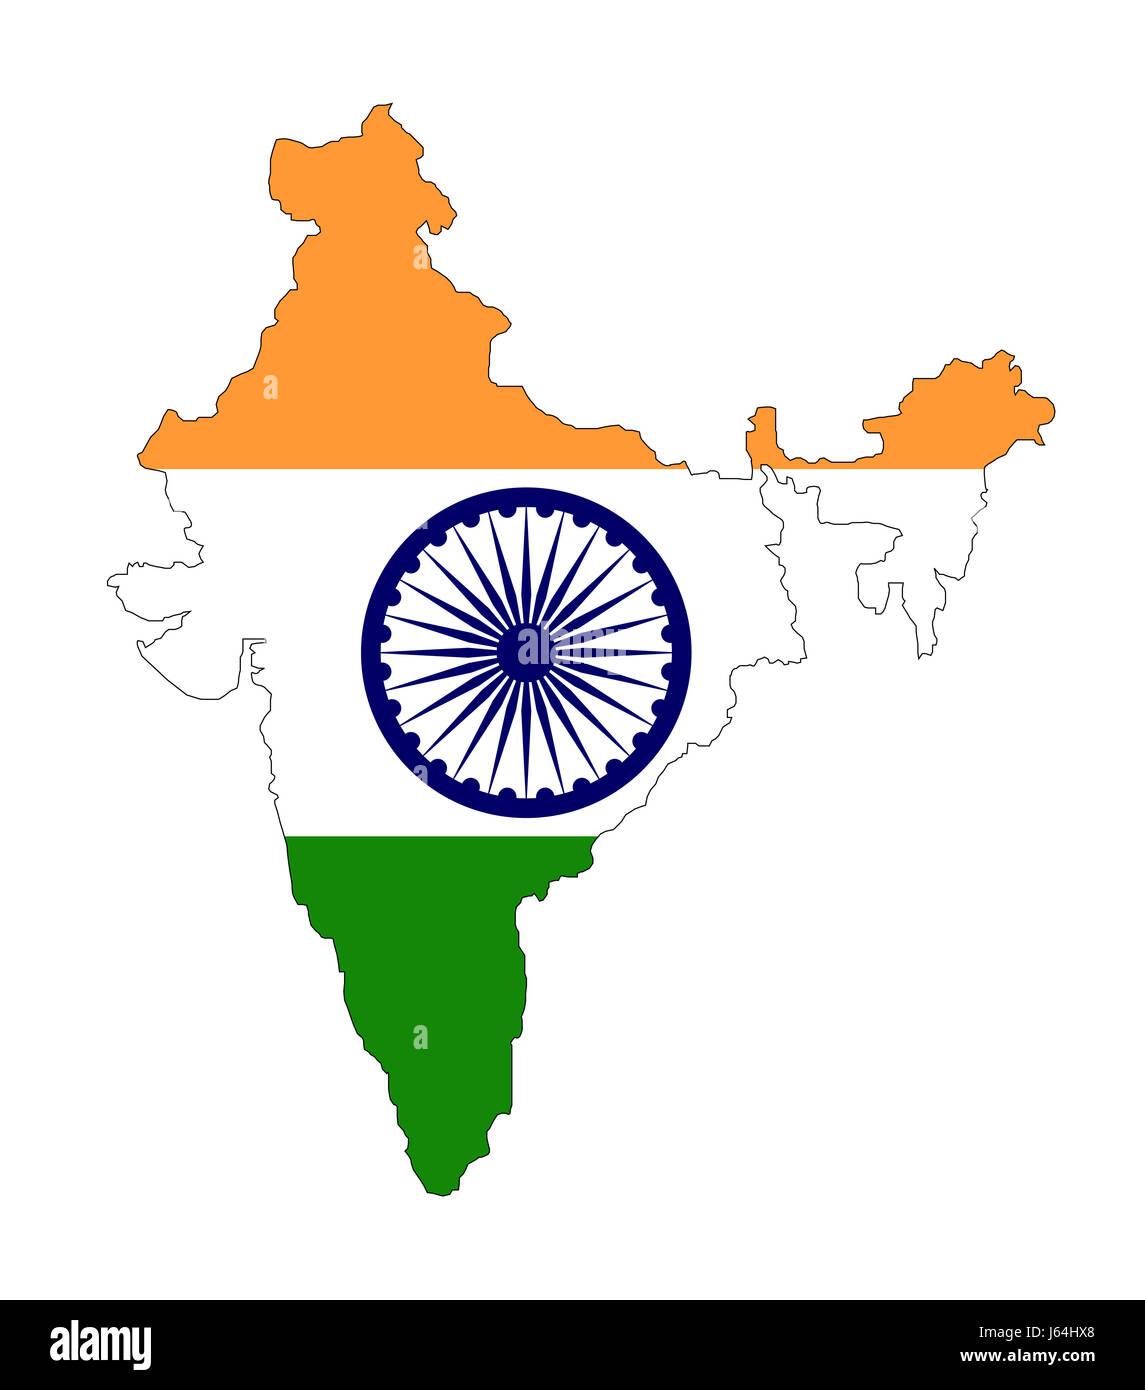 Mapa De La India En El Mundo.Asia India Bandera Mapa Atlas Mapa Del Mundo Asia India